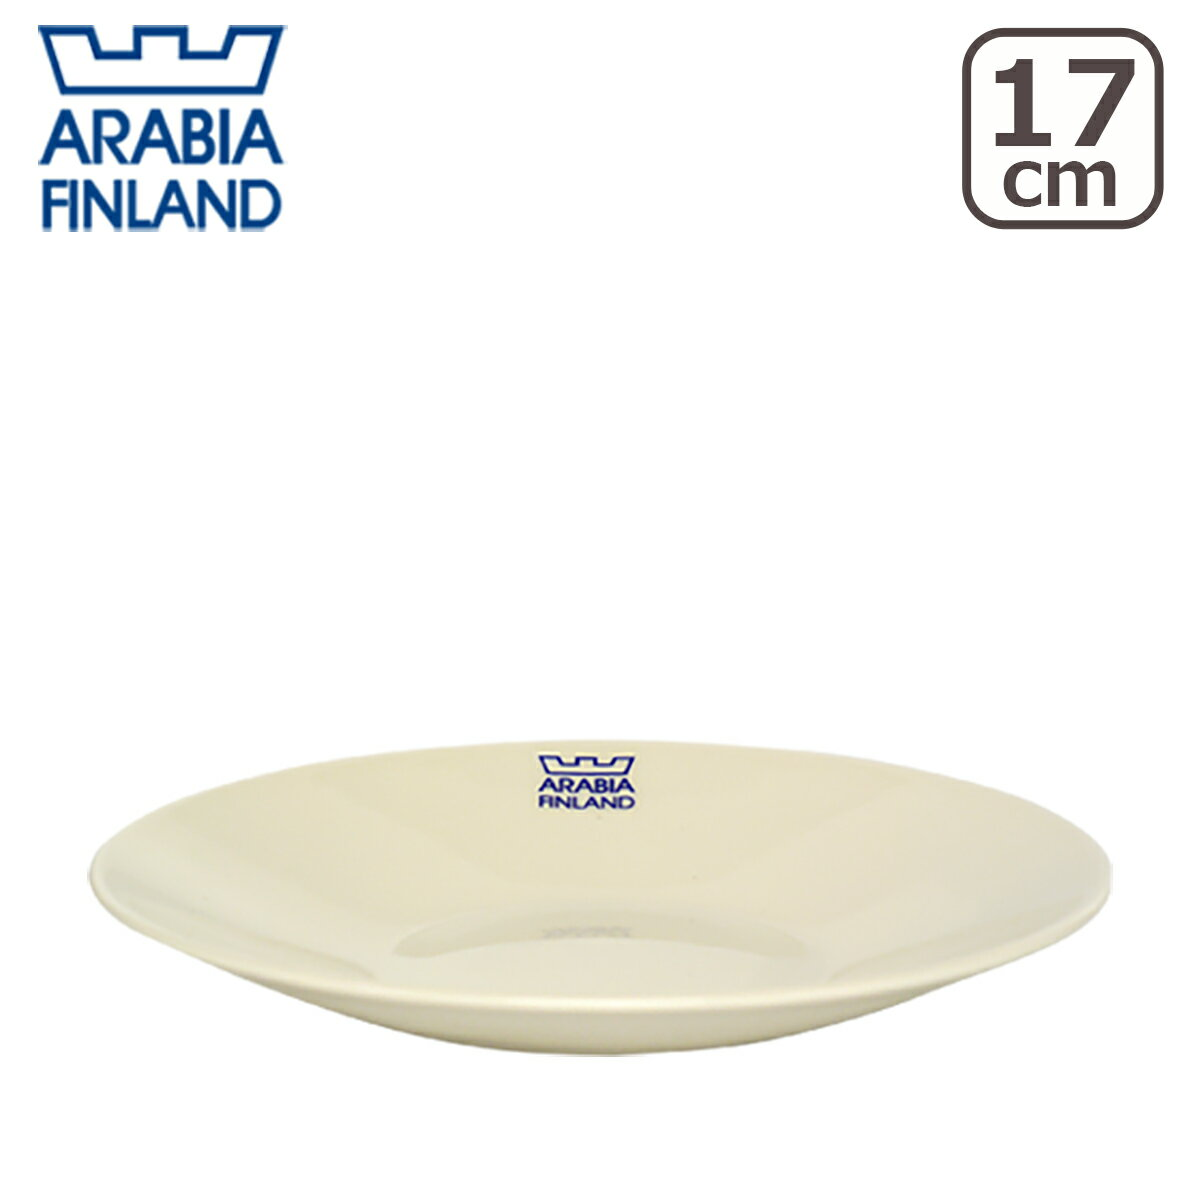 アラビア(Arabia) ココ(koko) 17cm プレート ホワイト 北欧 食器